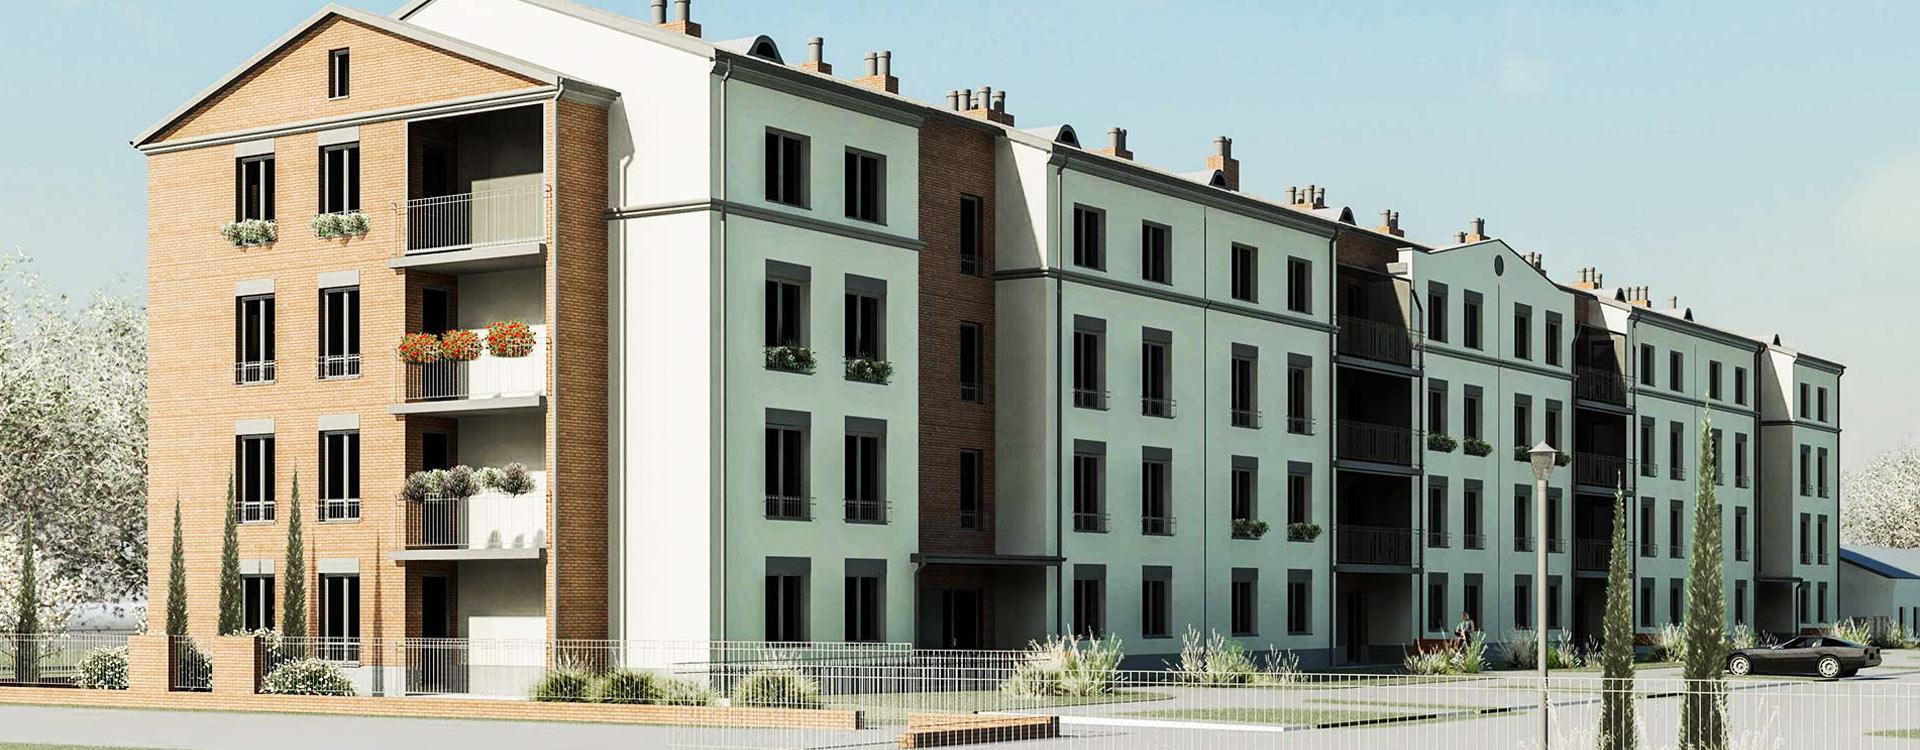 Rozmus Nieruchomości - biuro nieruchomości Zamość, oferty sprzedaży i wynajmu domów, mieszkań, działek i lokali użytkowych w województwie lubelskim